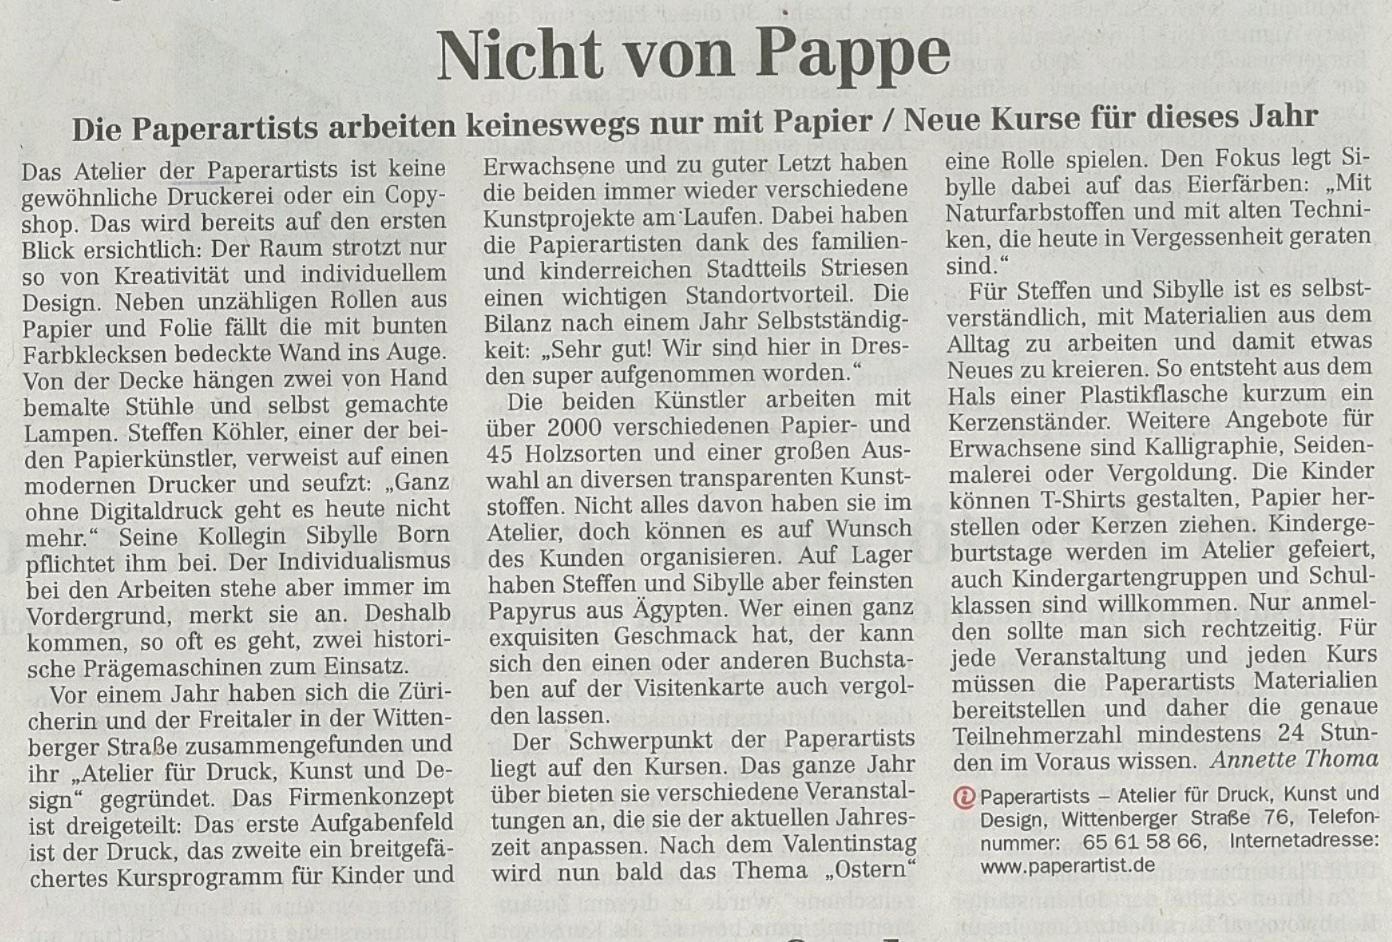 Dresdner Neuste Nachrichten, Februar 2012